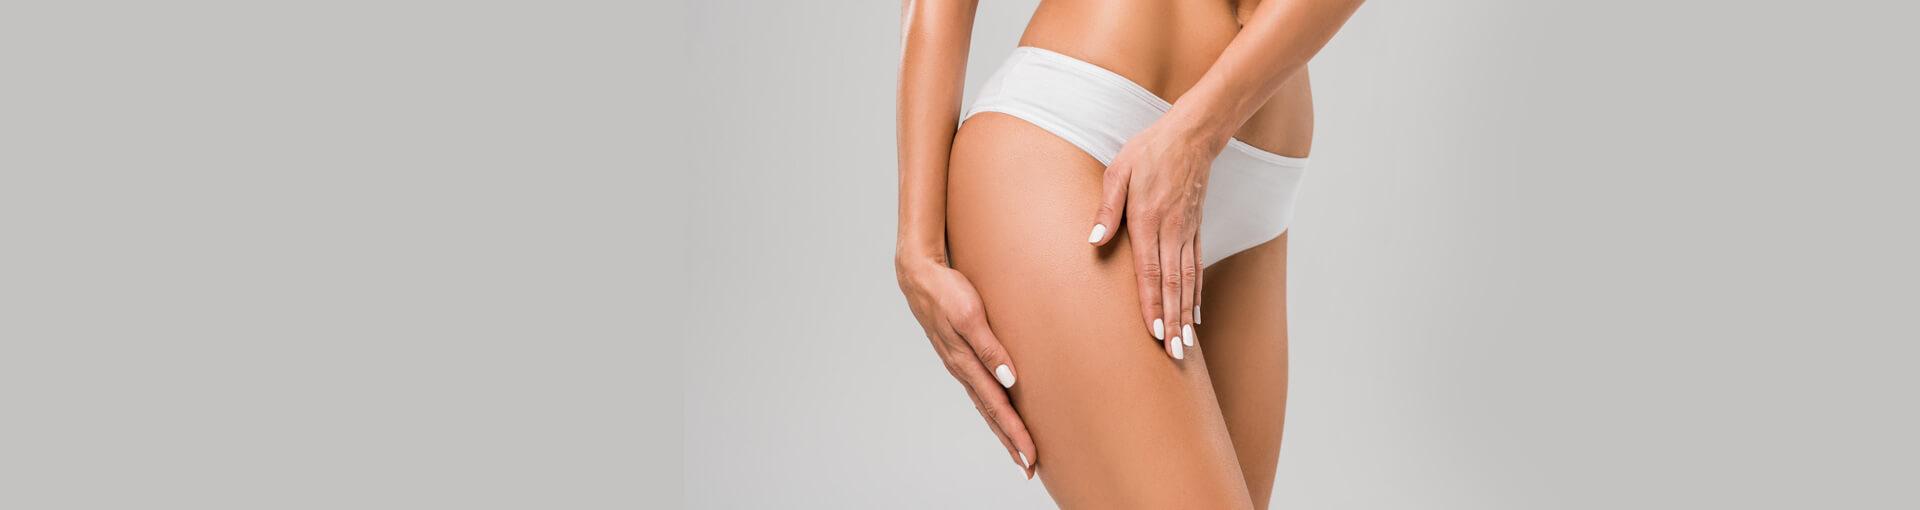 Evolve - drs skin care, Hamilton, ON